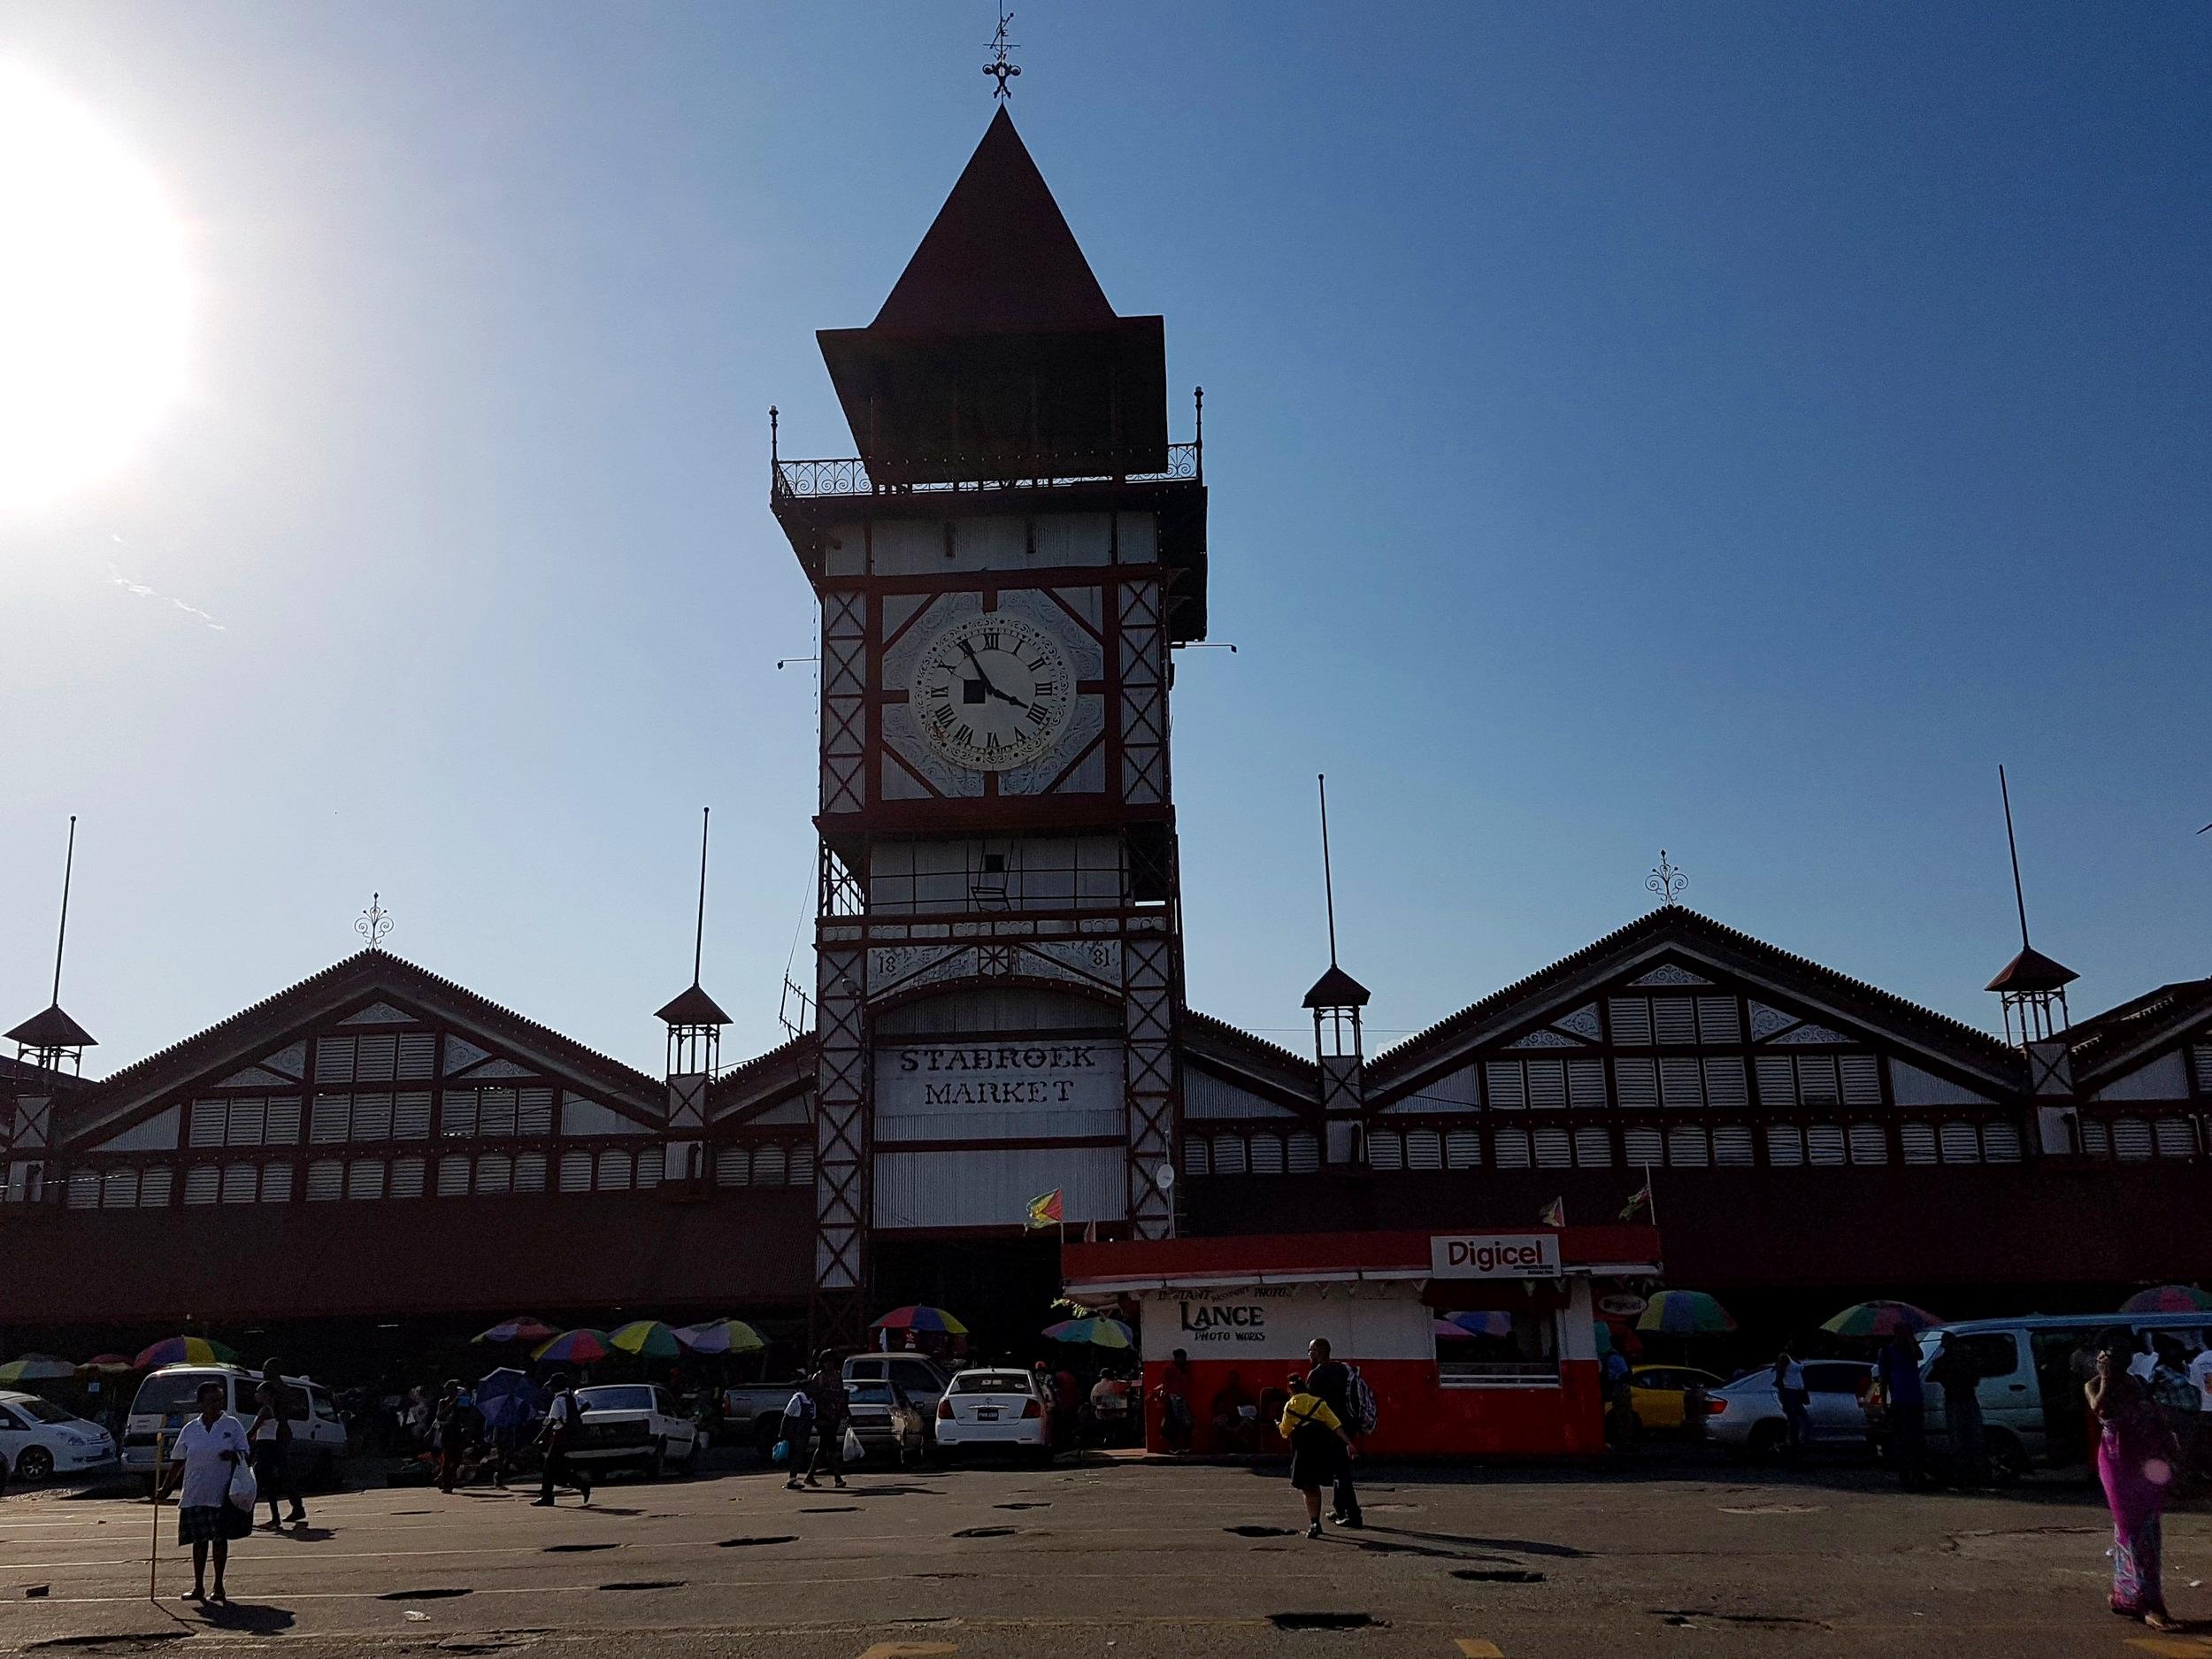 Georgetown Market.